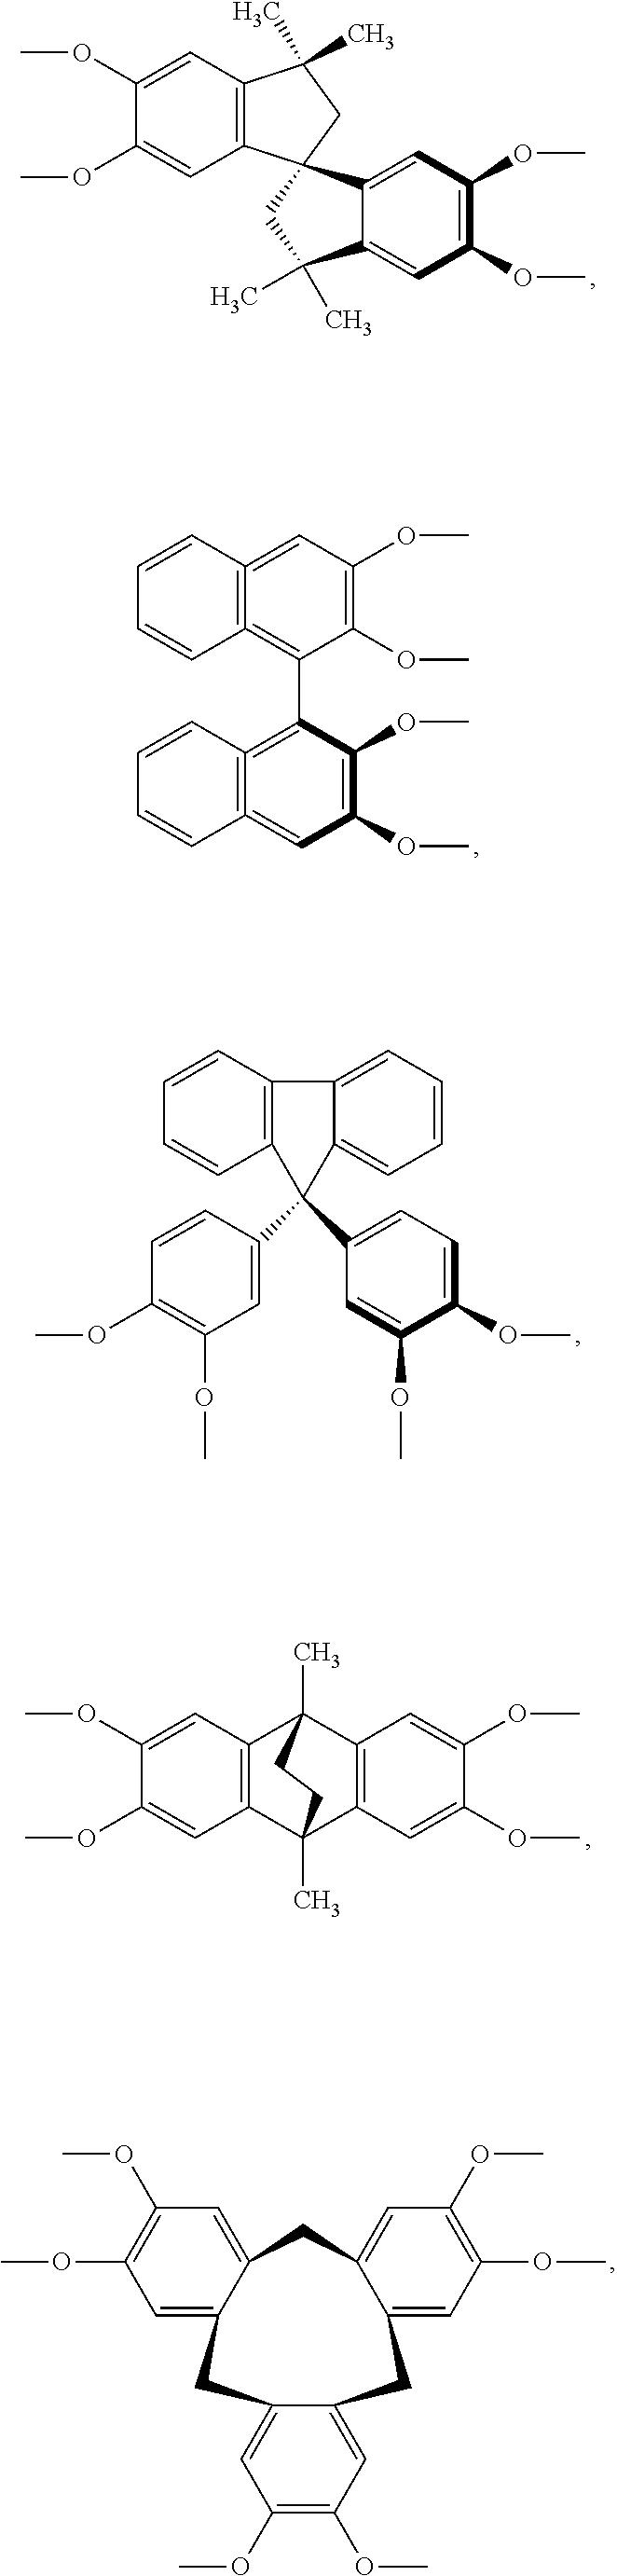 Figure US09045582-20150602-C00006